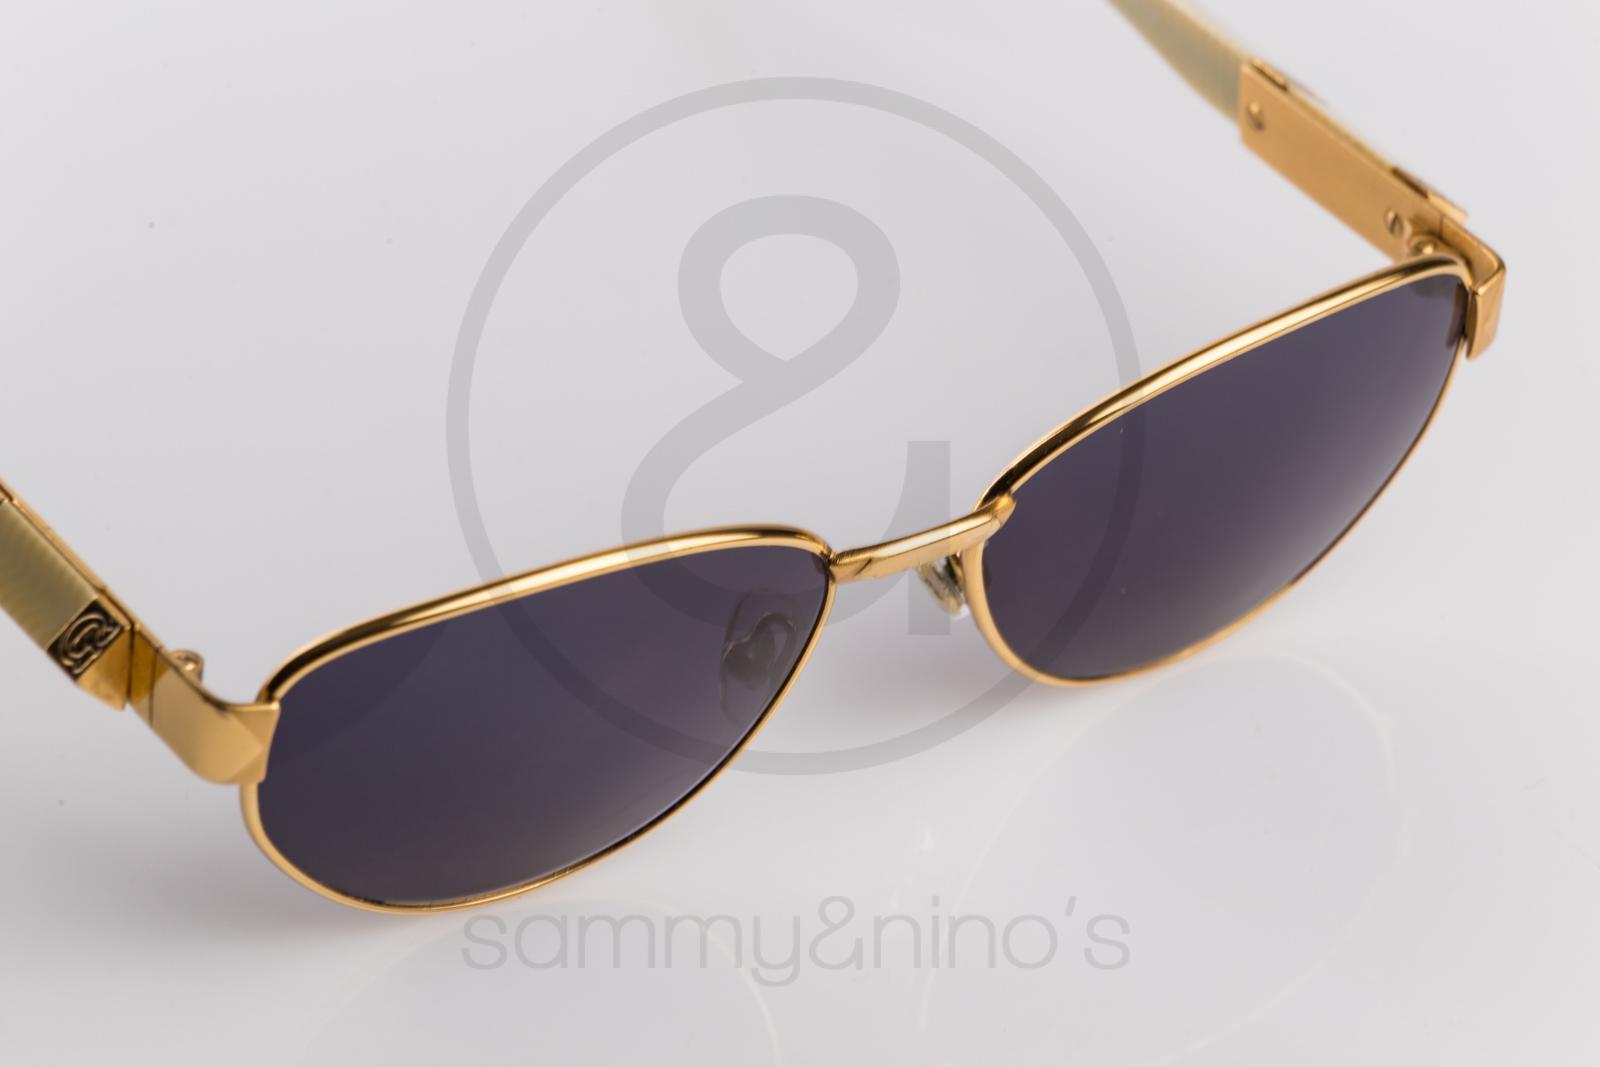 6c274a5222 Gianfranco Ferré GFF 245 S – Sammy   Nino  39 s Store